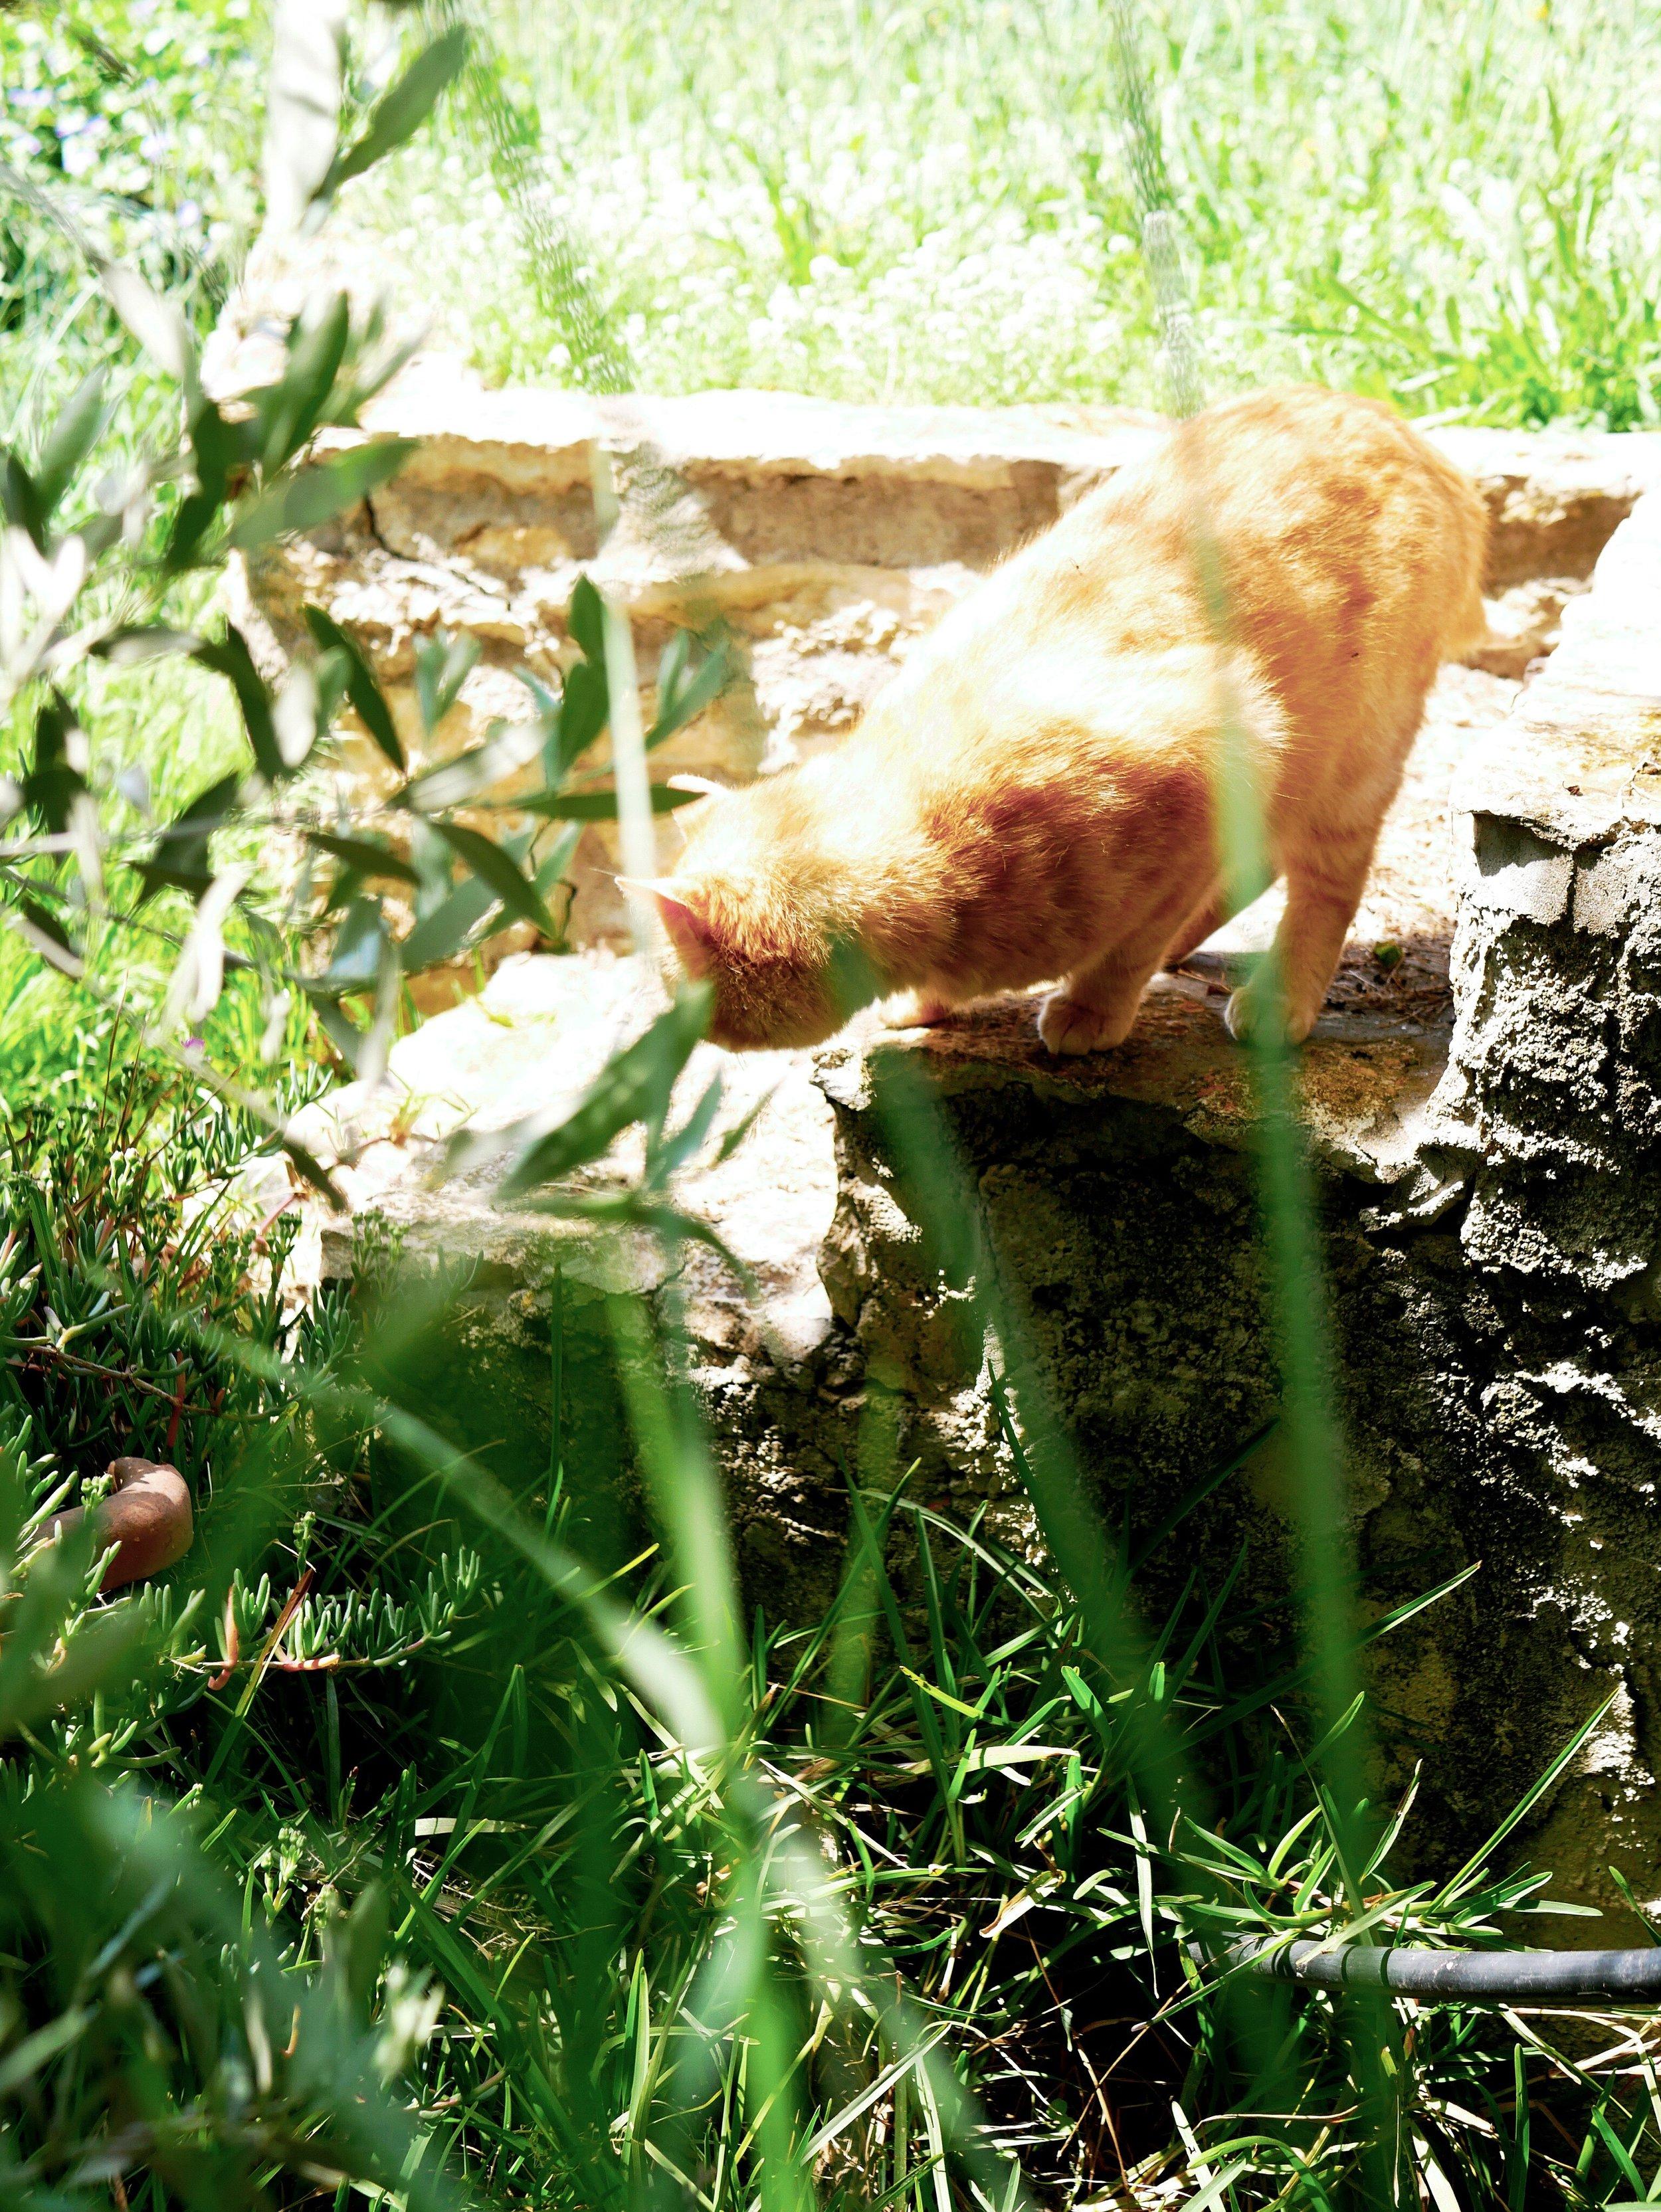 fluffy ginger cat exploring